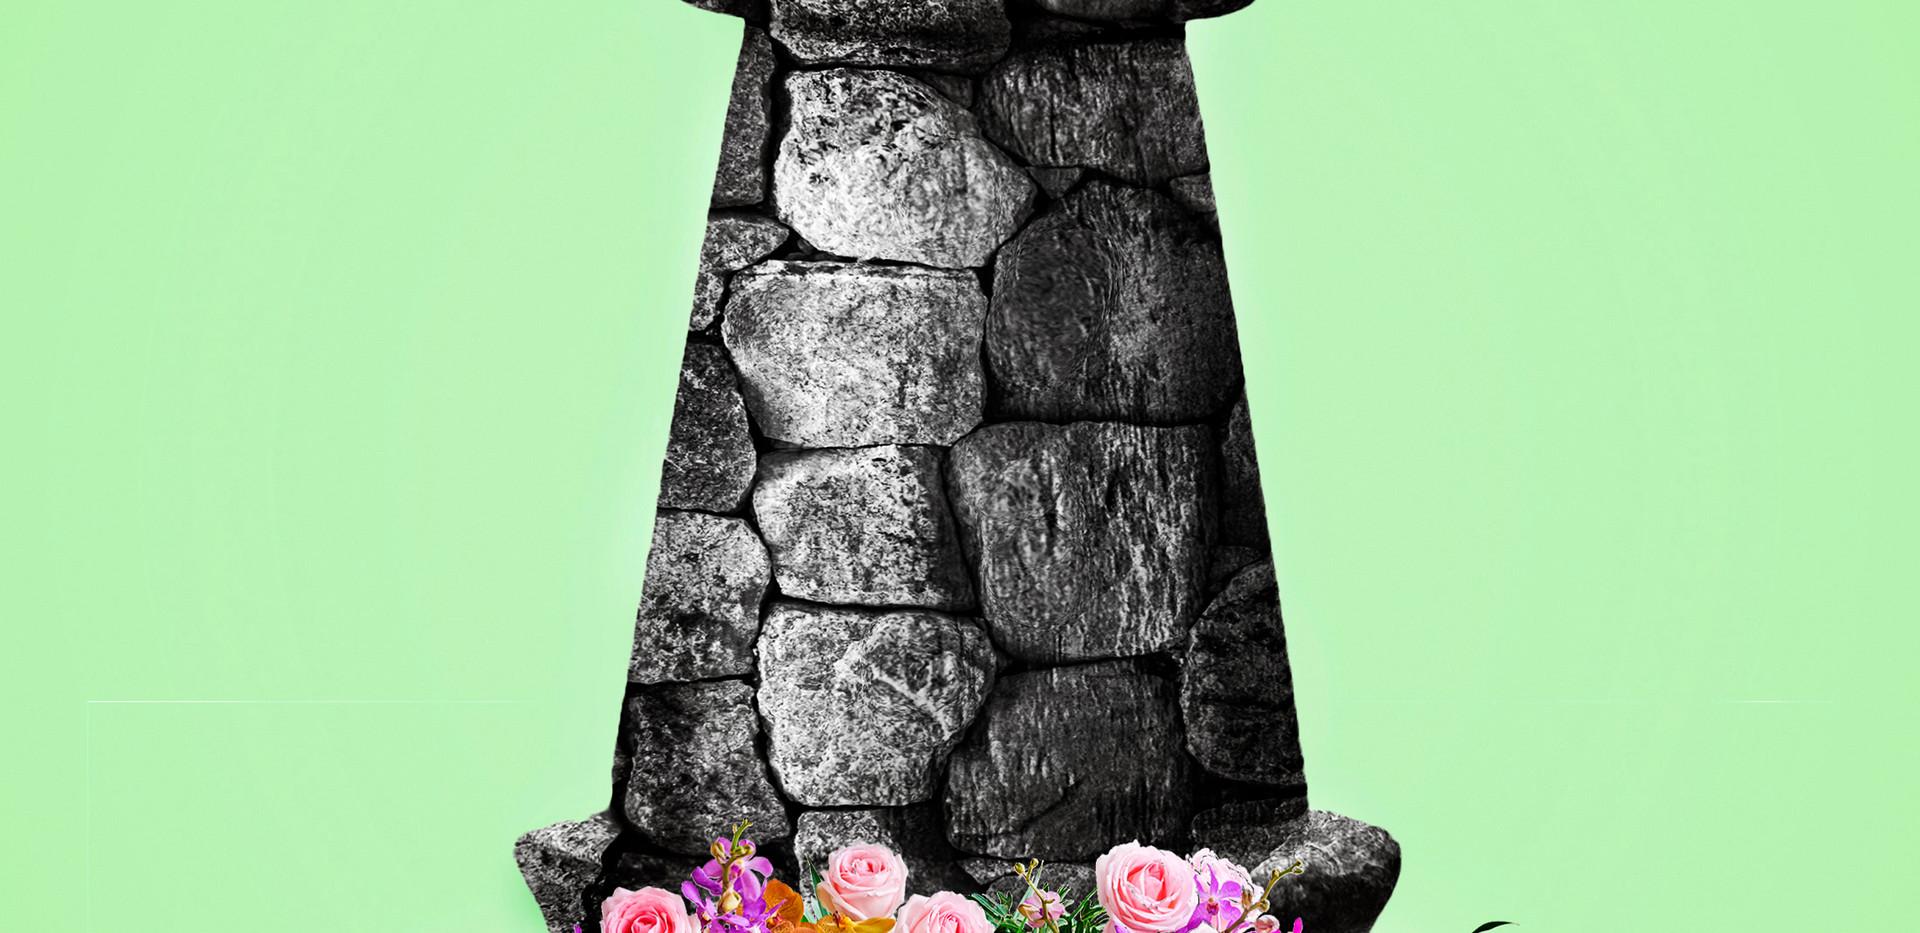 Flower tower.jpg